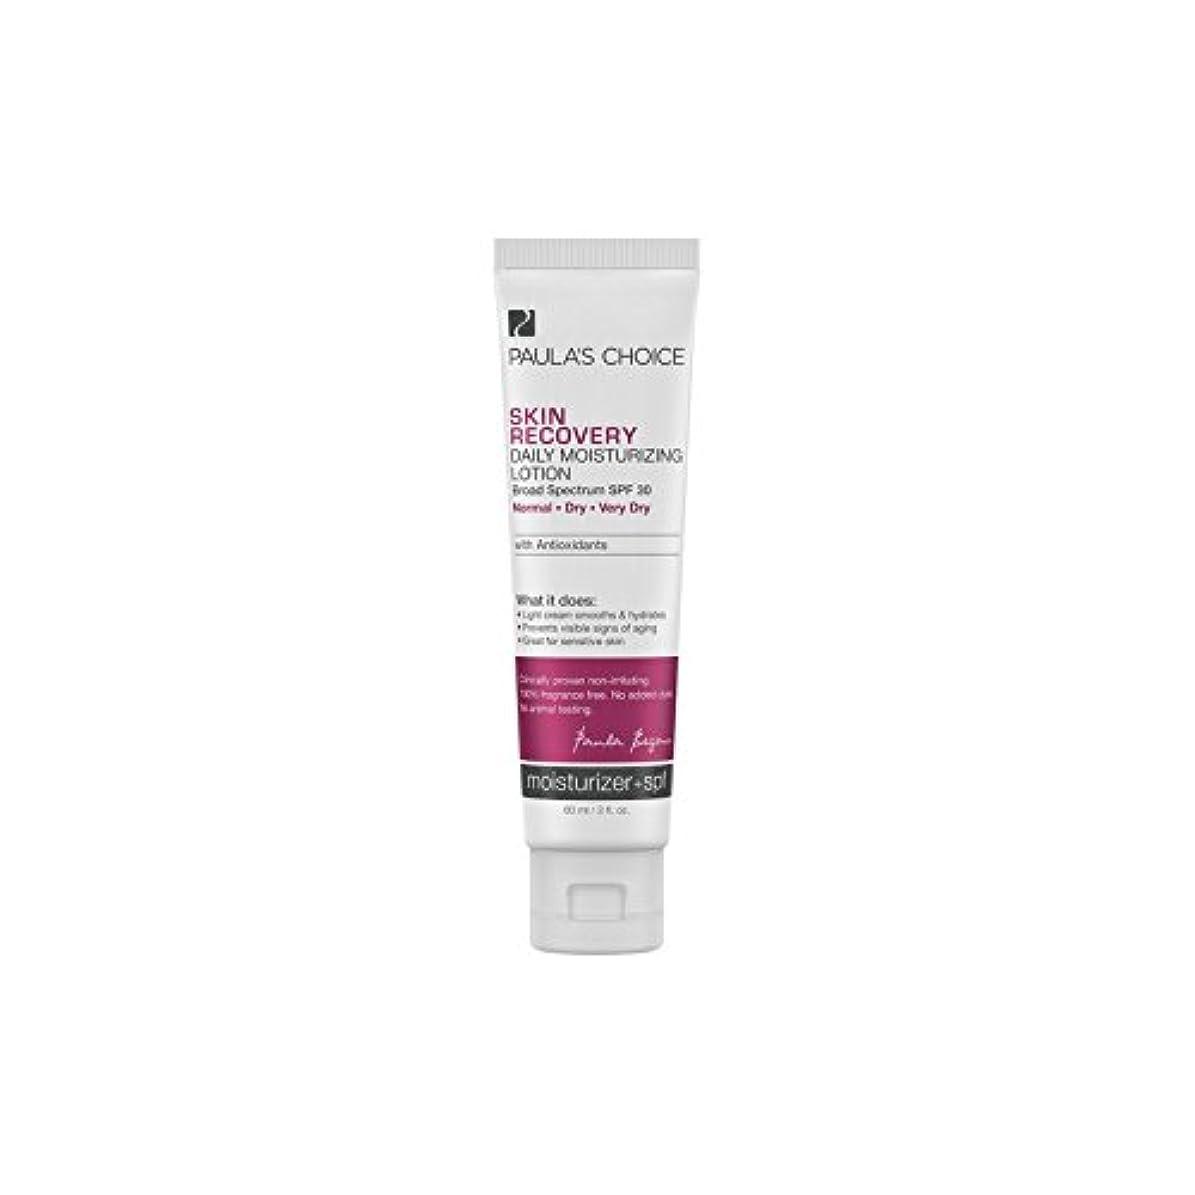 群衆留まる船乗りPaula's Choice Skin Recovery Daily Moisturizing Lotion Spf30 (60ml) - ポーラチョイスの肌の回復毎日の保湿ローション30(60ミリリットル) [並行輸入品]